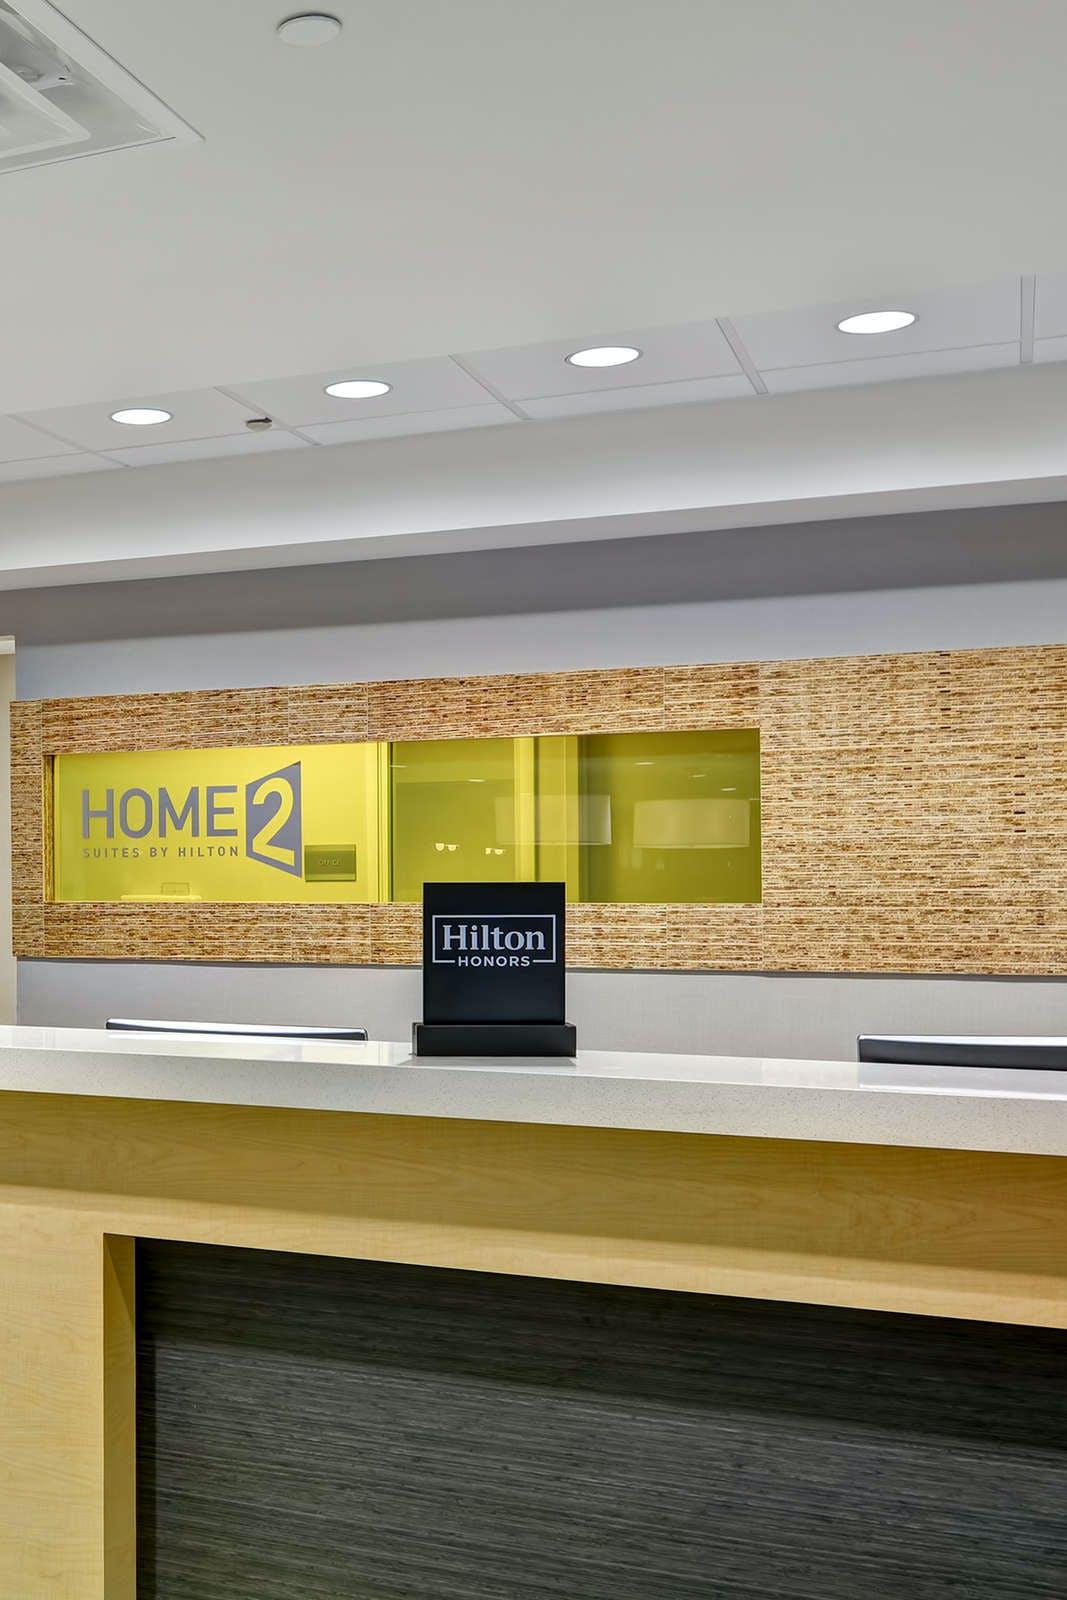 Home2 Suites by Hilton Miramar Ft. Lauderdale